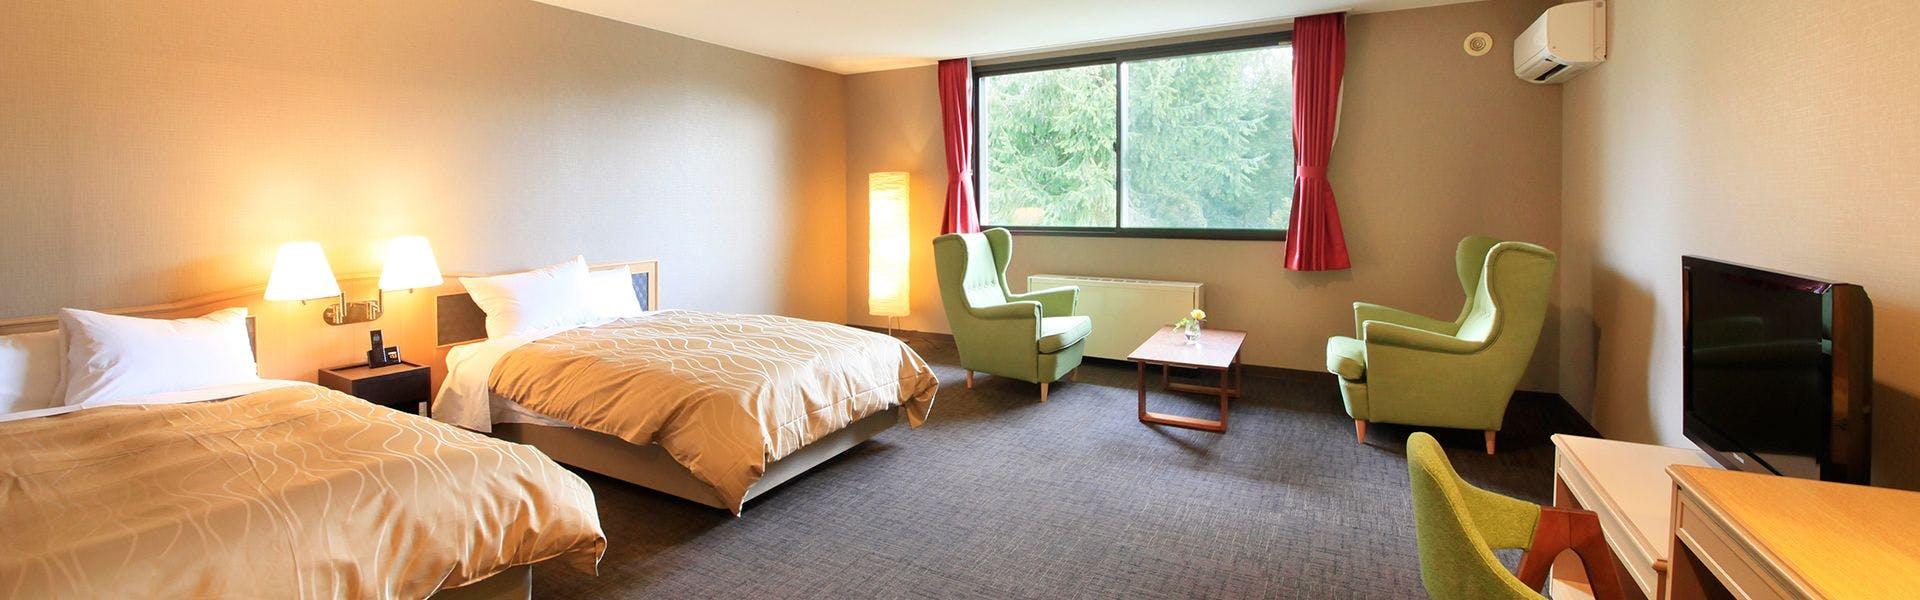 記念日におすすめのホテル・ゆとりろ軽井沢ホテルの写真3